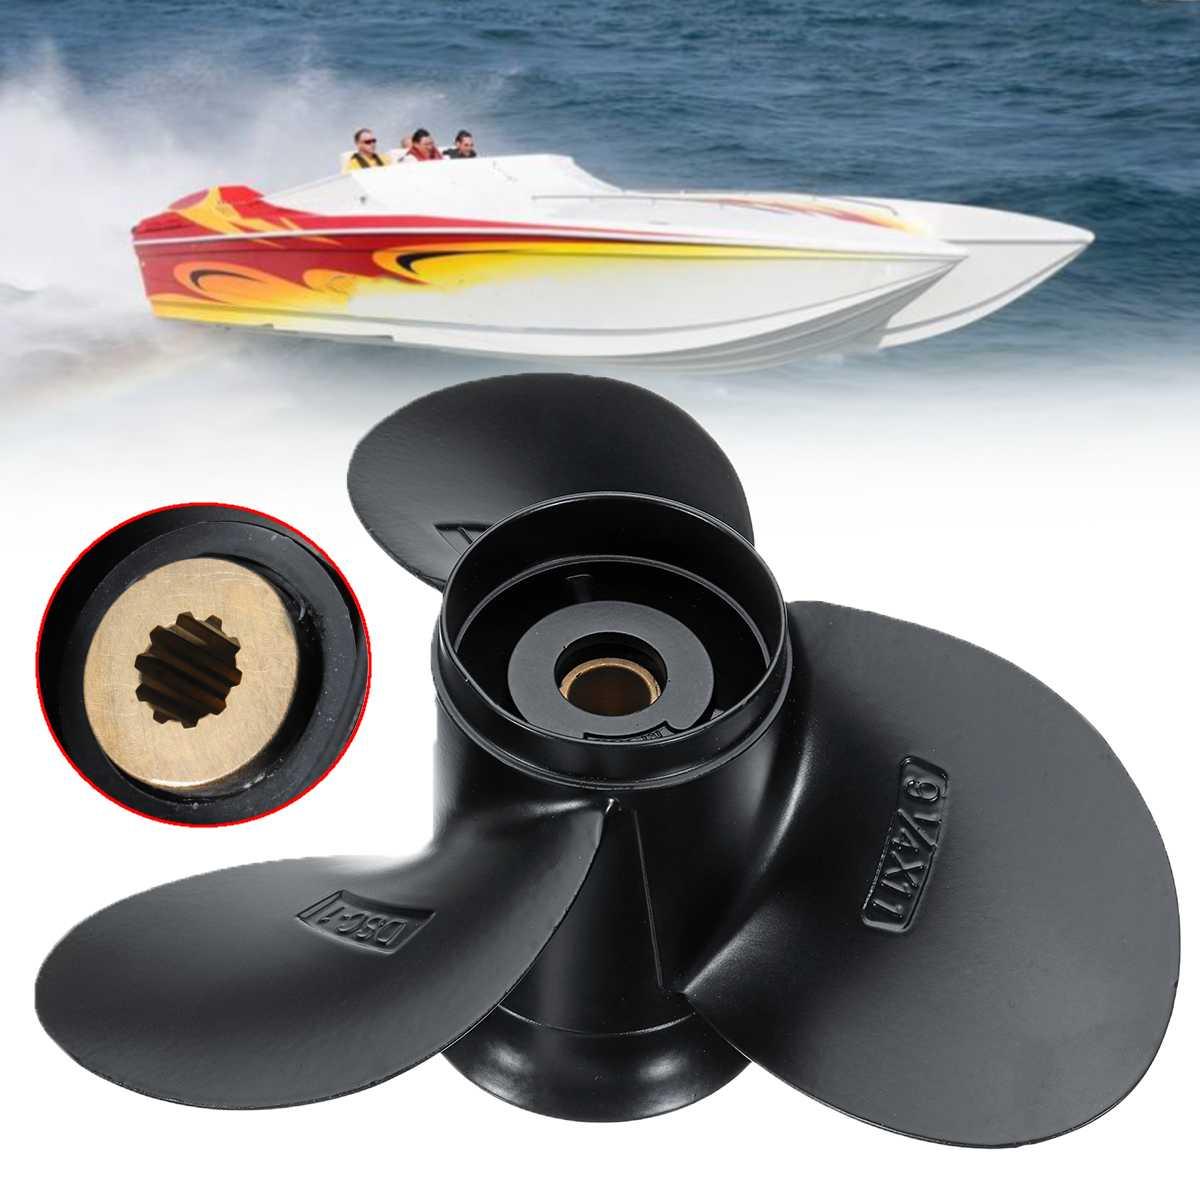 Audew лодка подвесная пропеллер 58100-93743-019 9 1/4x11 алюминиевый сплав для Suzuki 9,9-15HP 3 лезвия 10 Spline Tooths черный